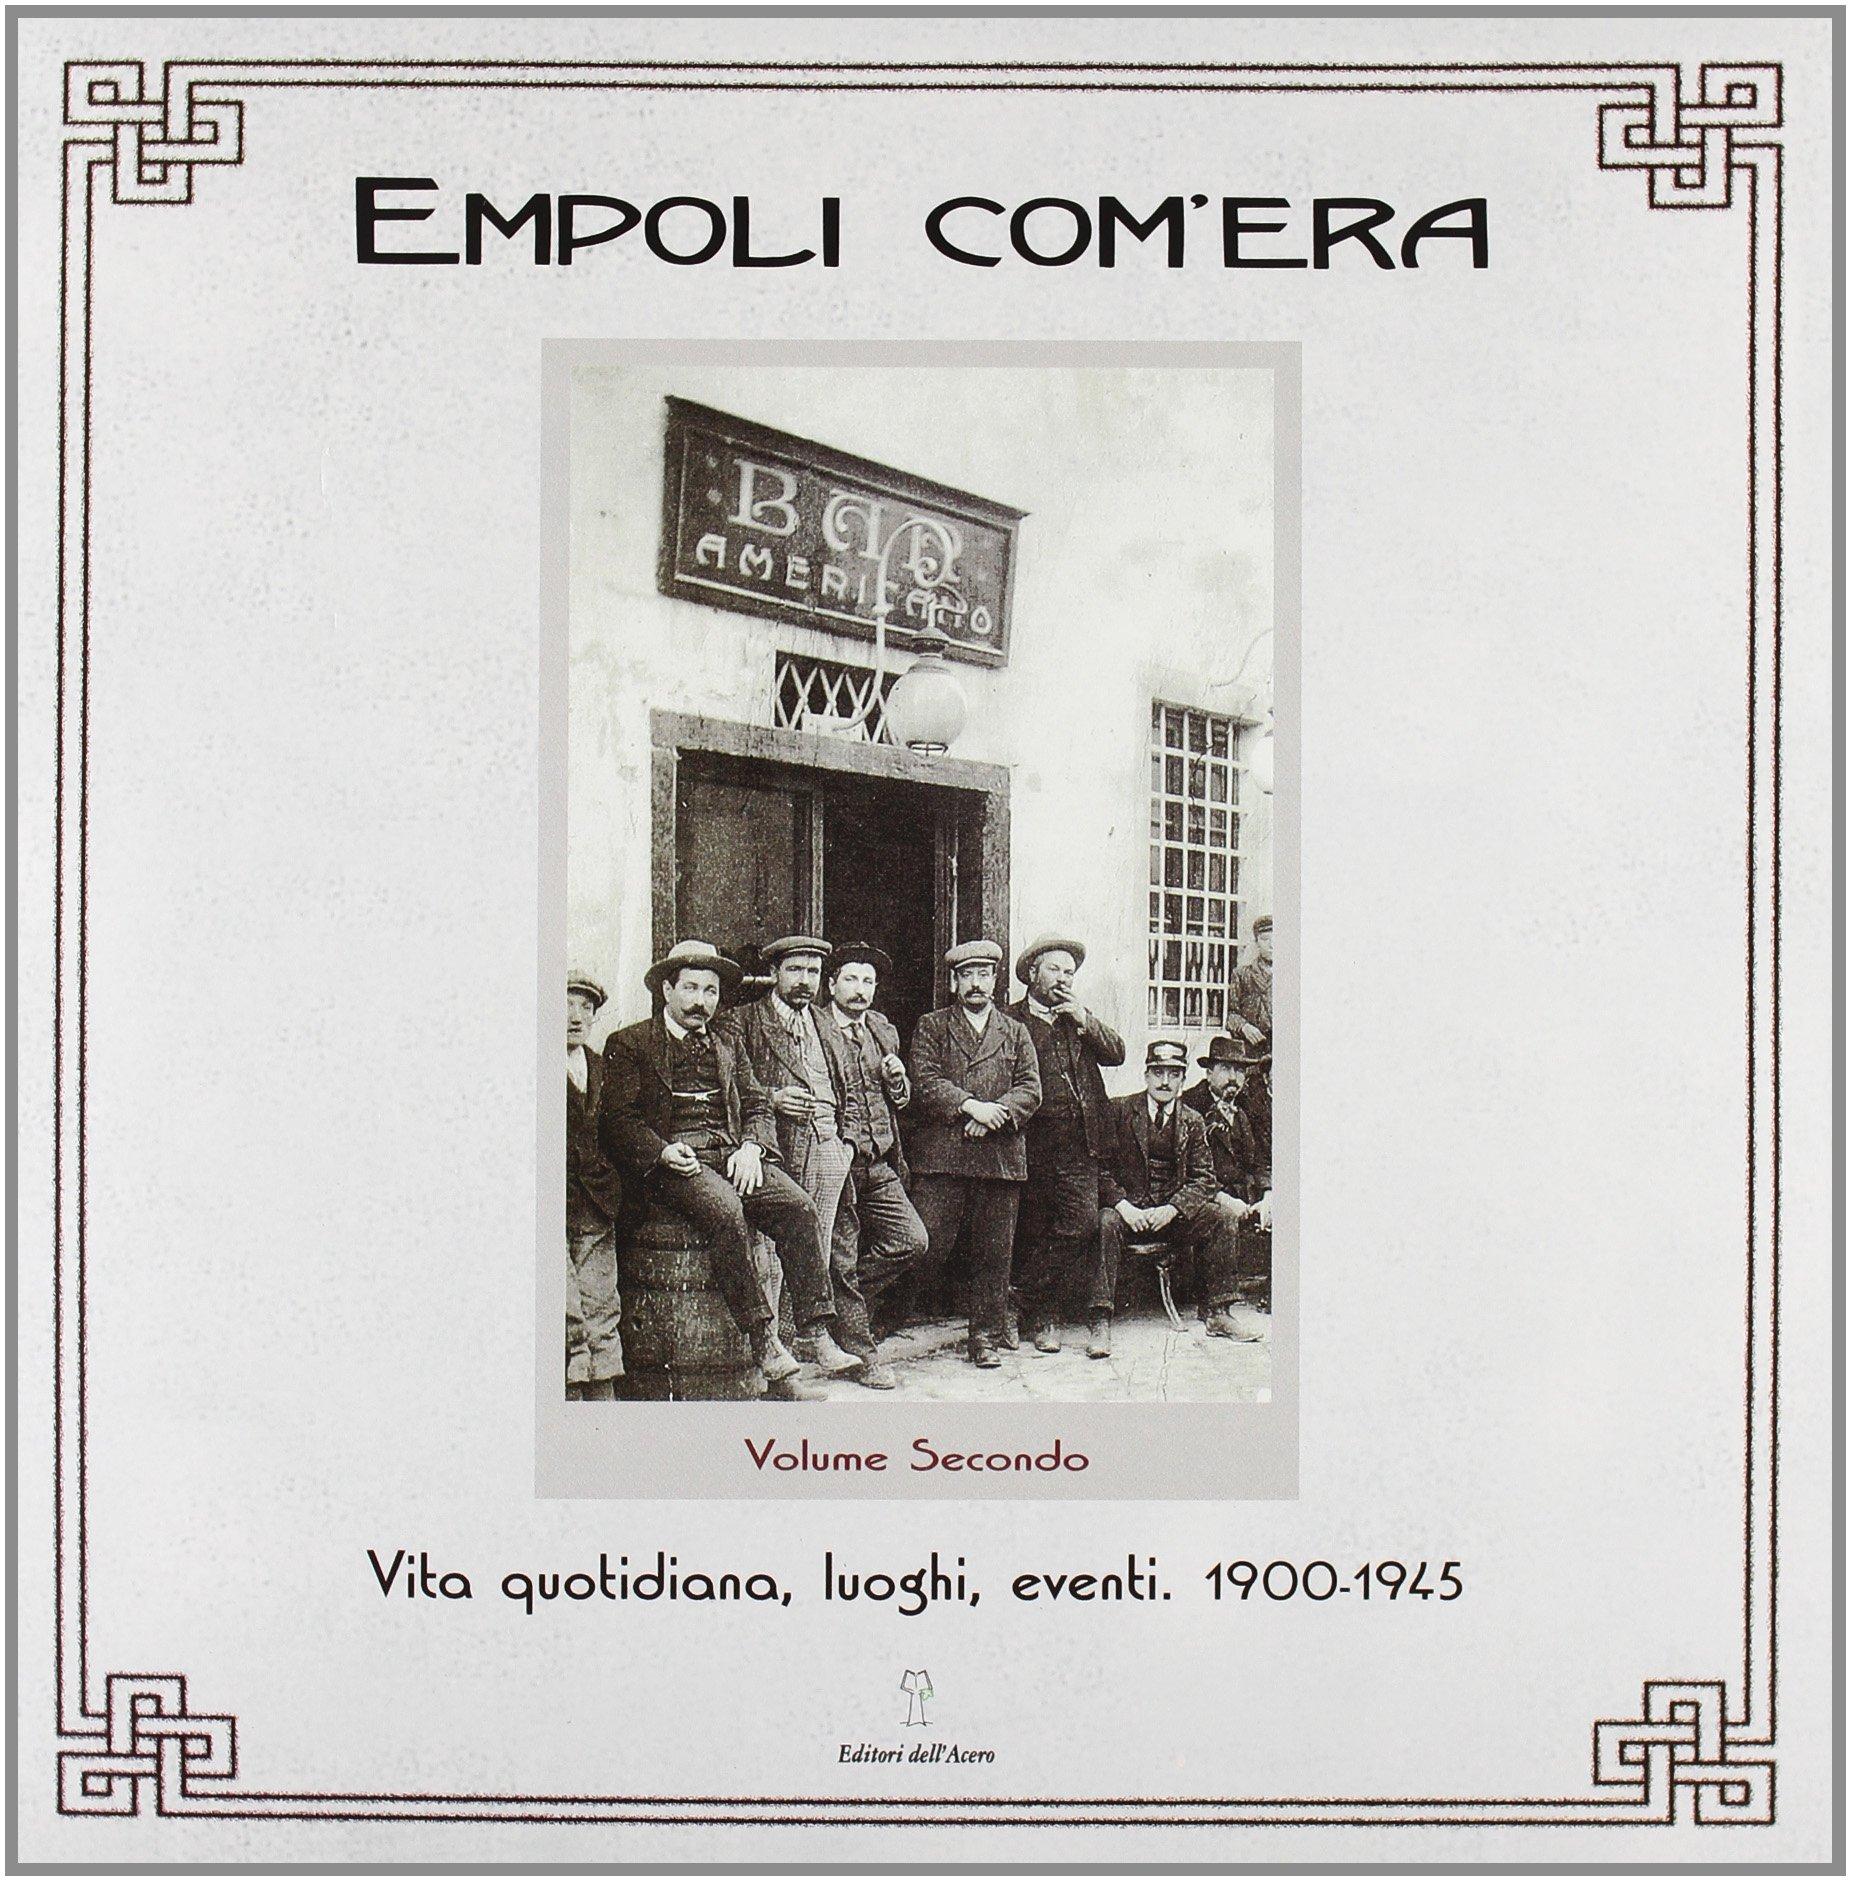 Download Empoli com'era vol. 2 - Vita quotidiana, luoghi, eventi 1900-1945 PDF